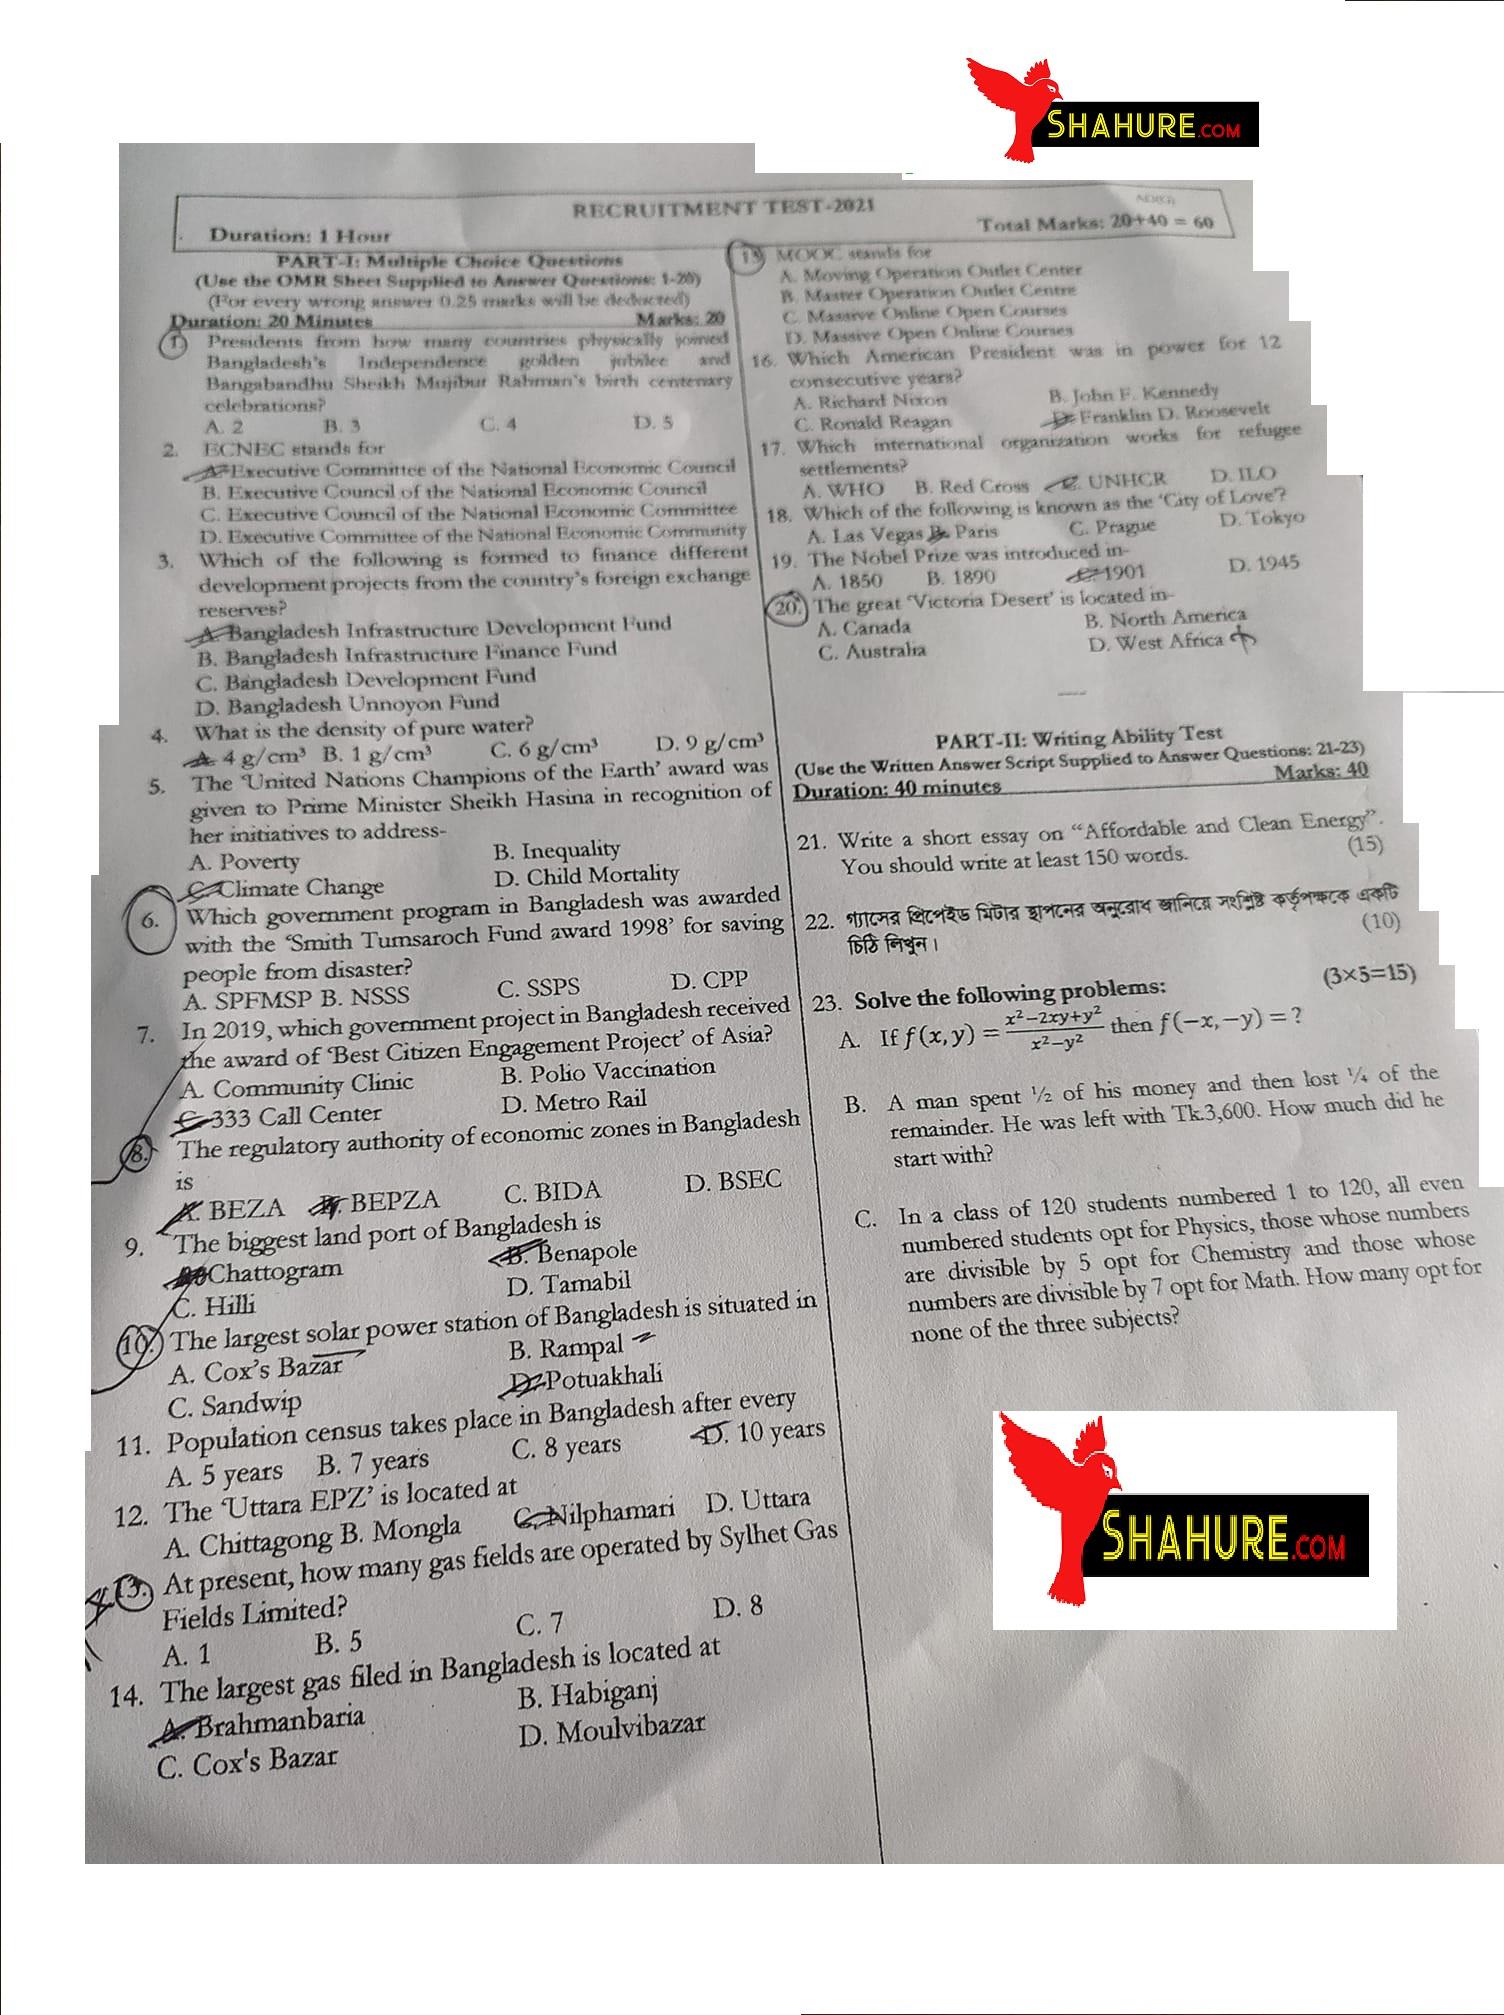 Sylhet Gas Field Question